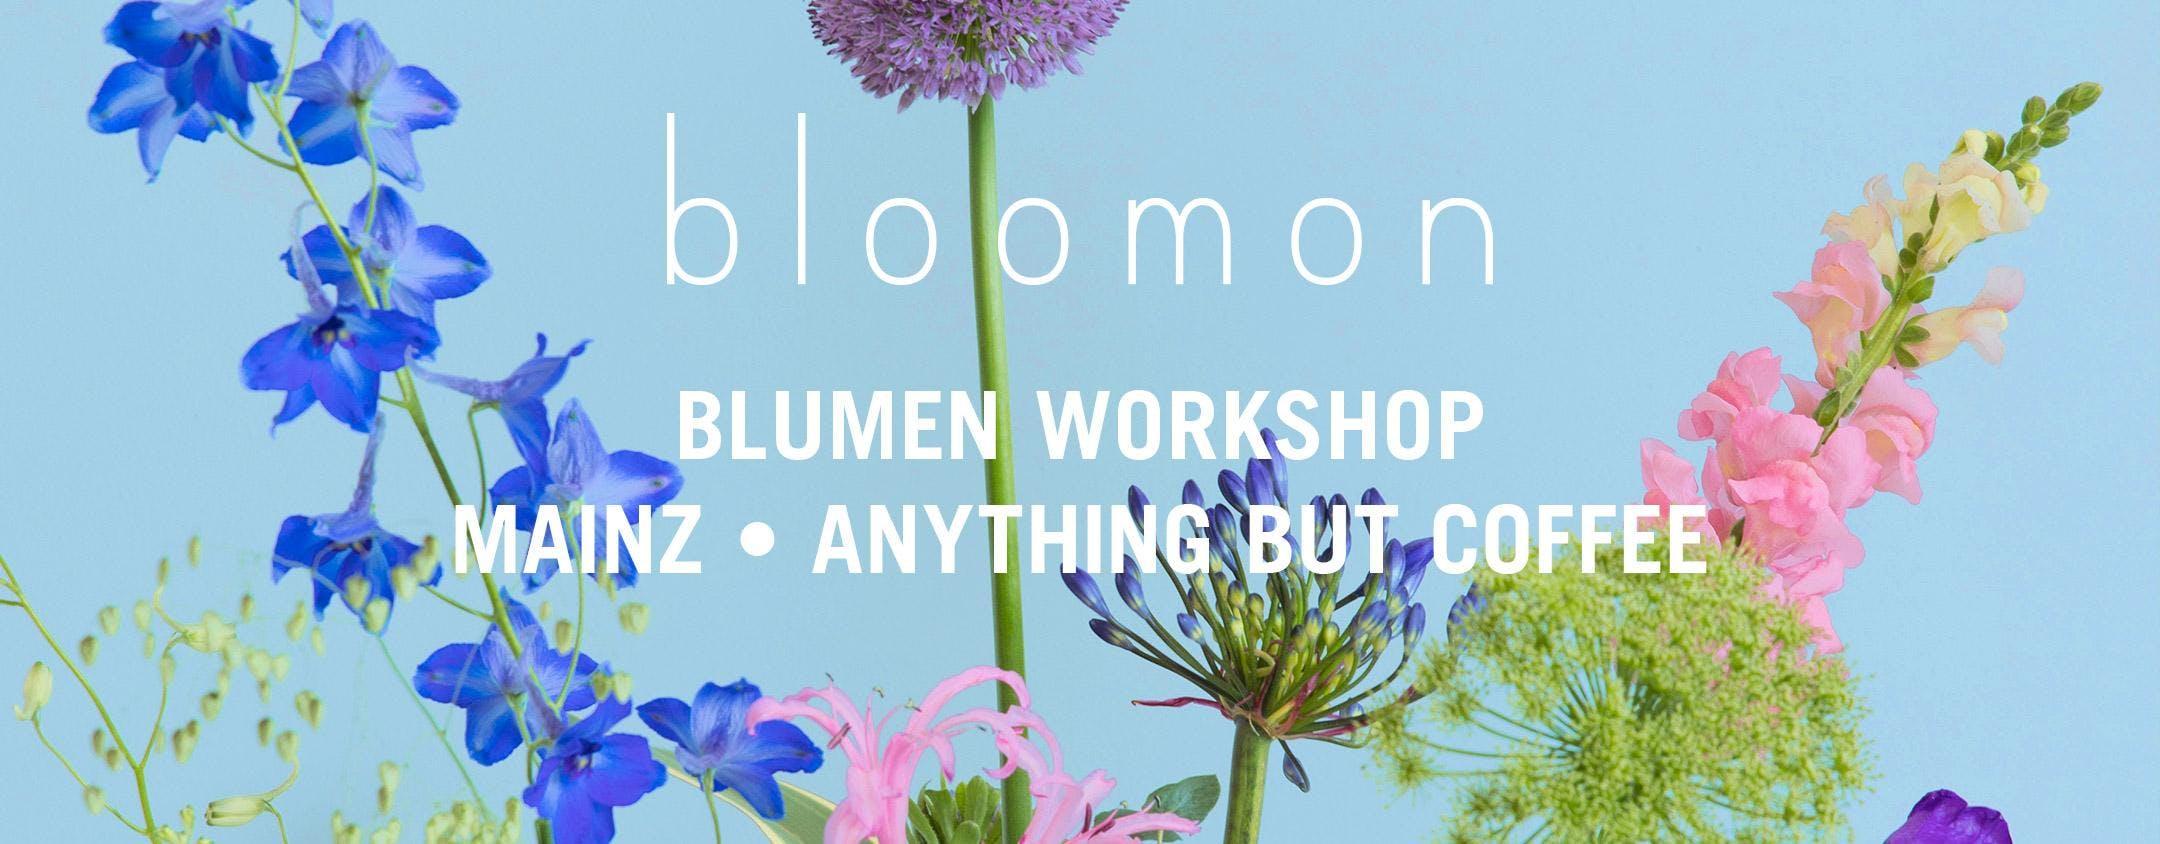 bloomon Workshop 09. August   Mainz, Anything